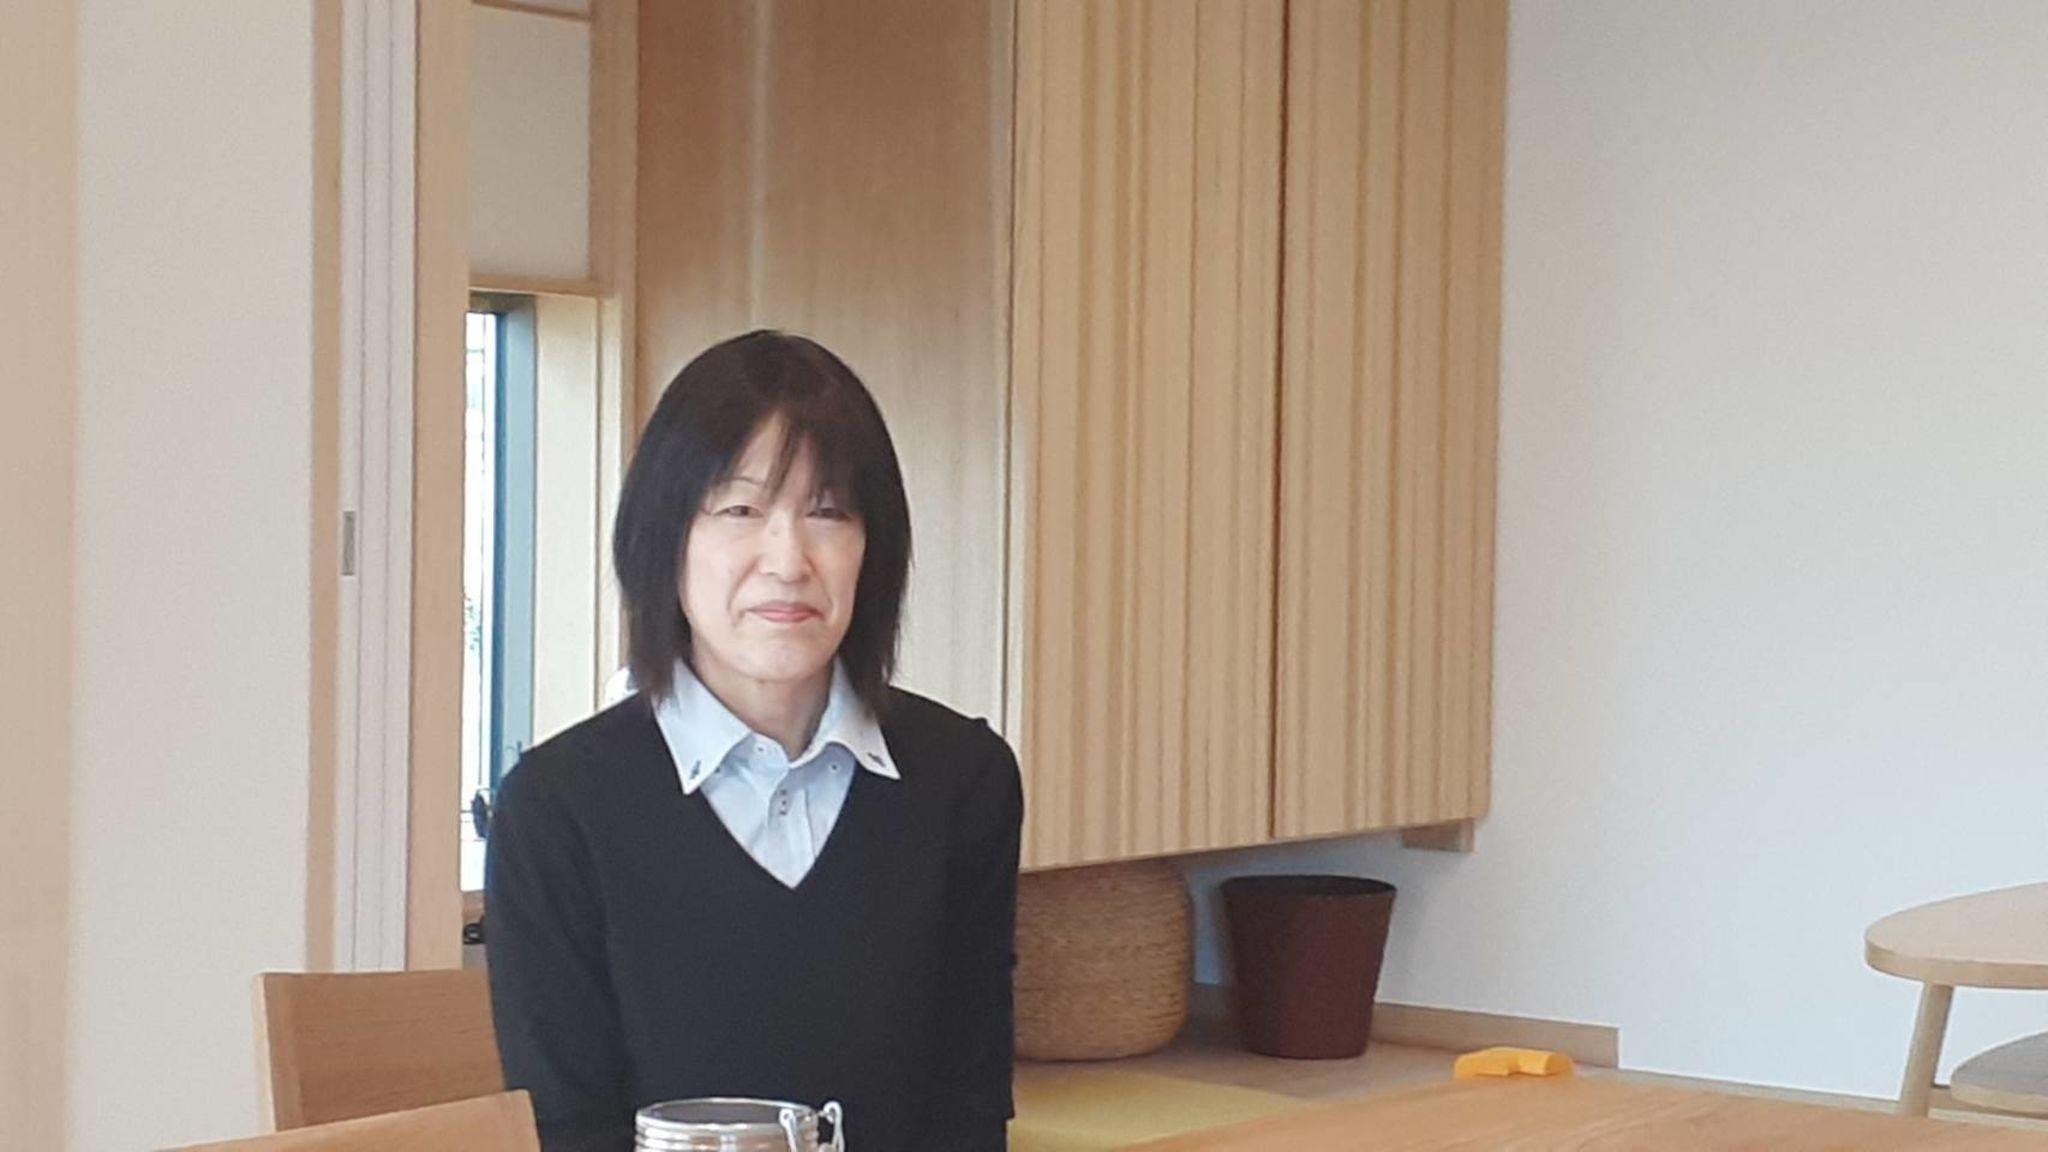 貴田 潤子